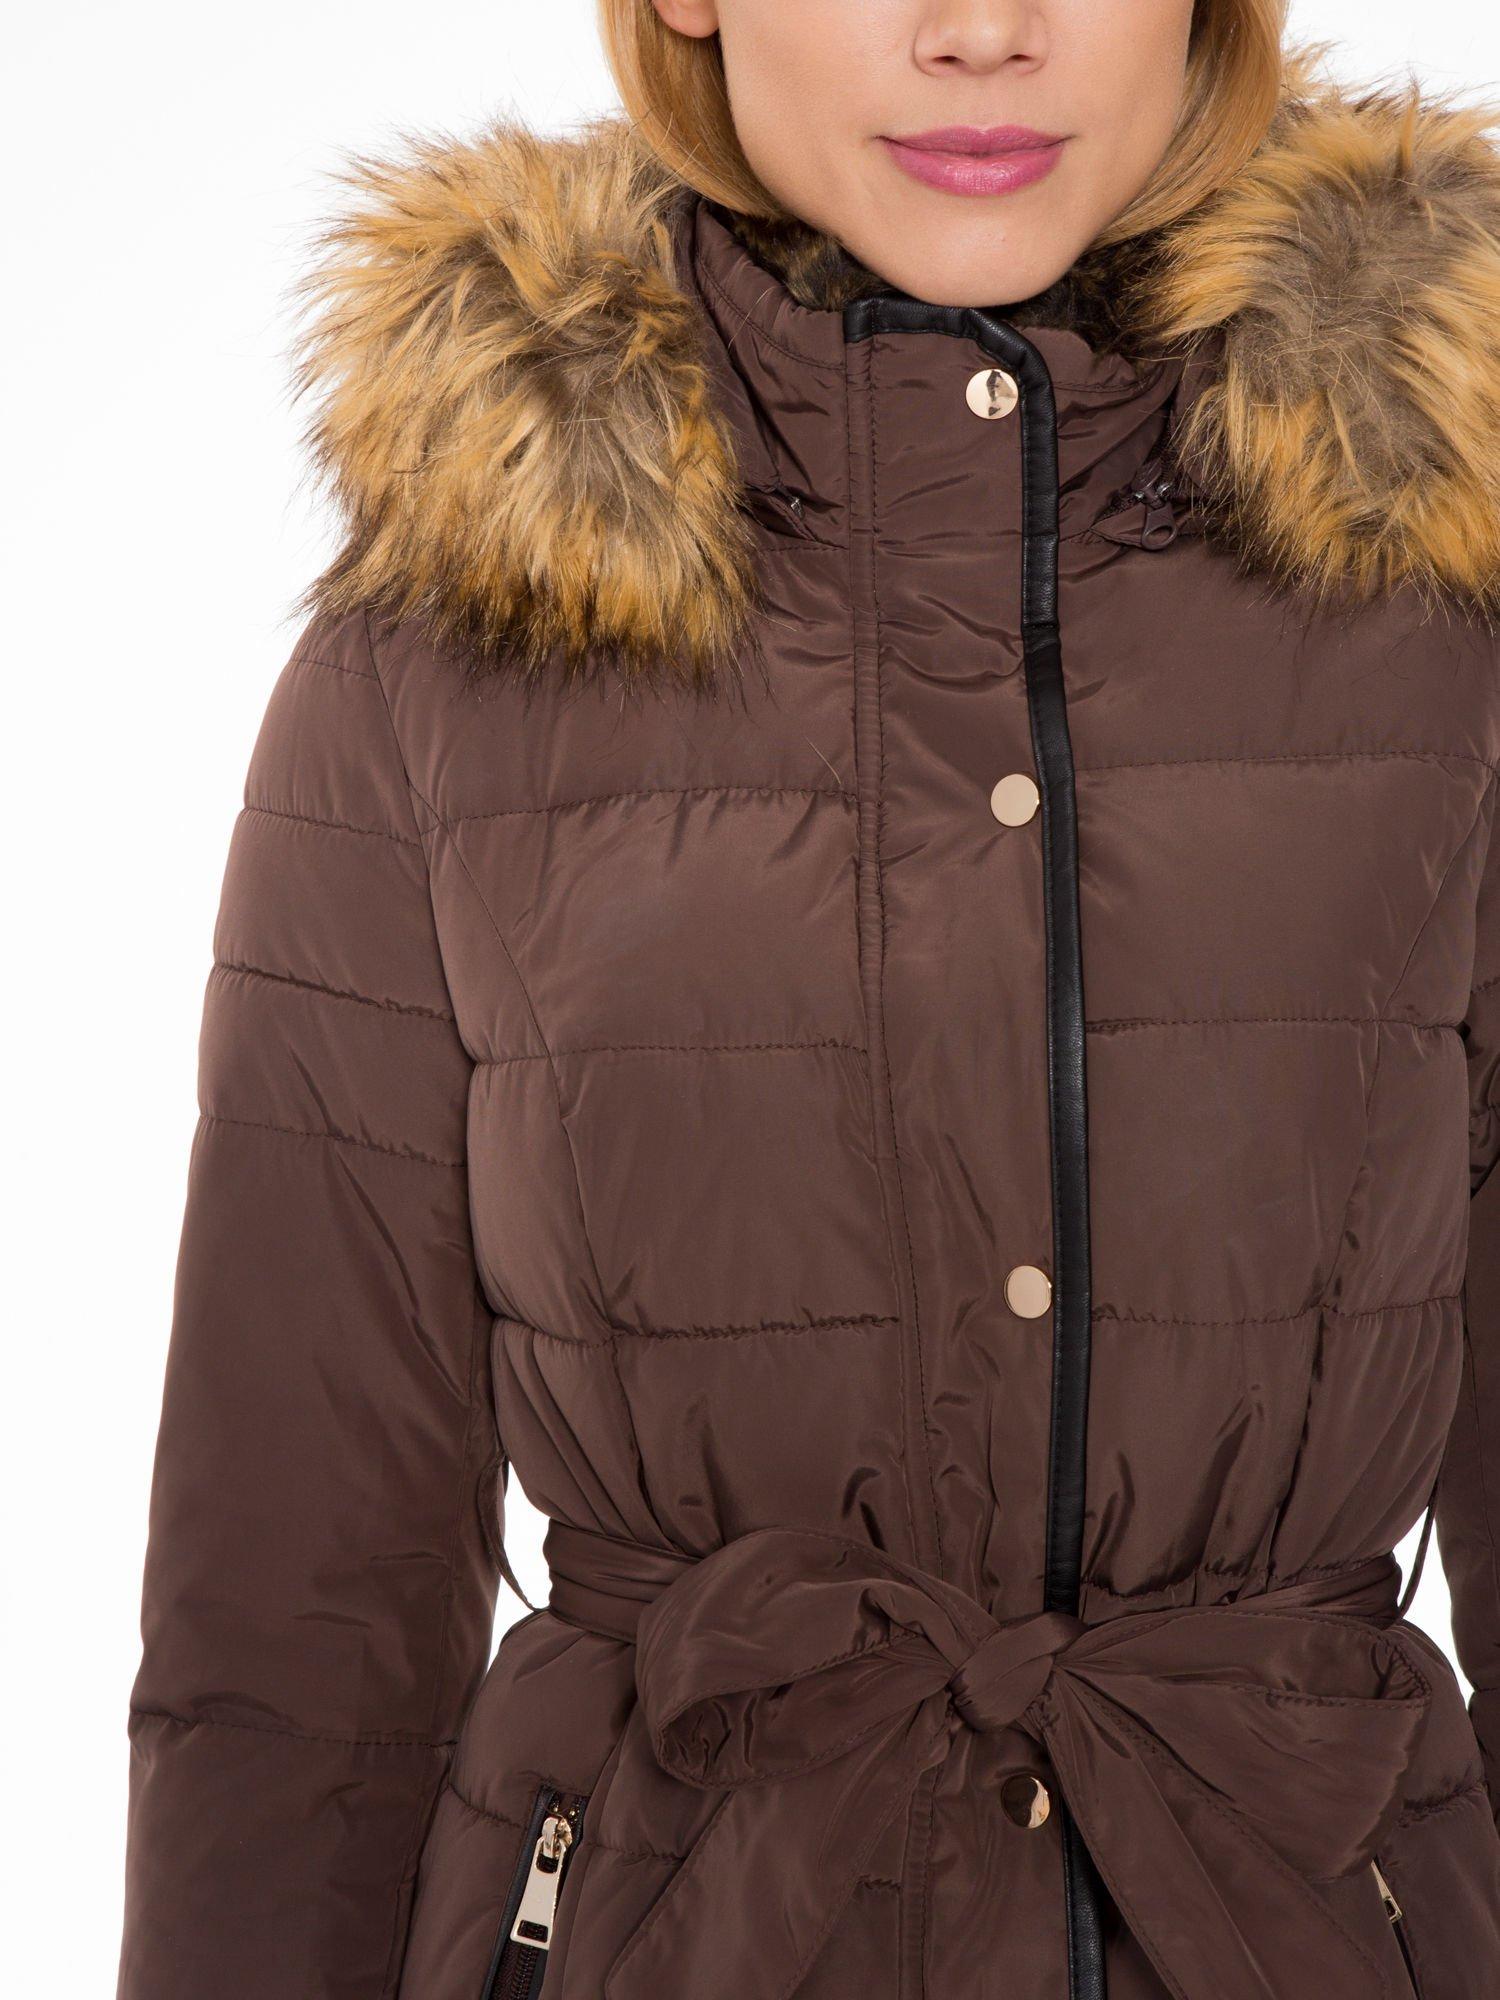 Brązowy taliowany płaszcz puchowy z kapturem z futerkiem                                  zdj.                                  7